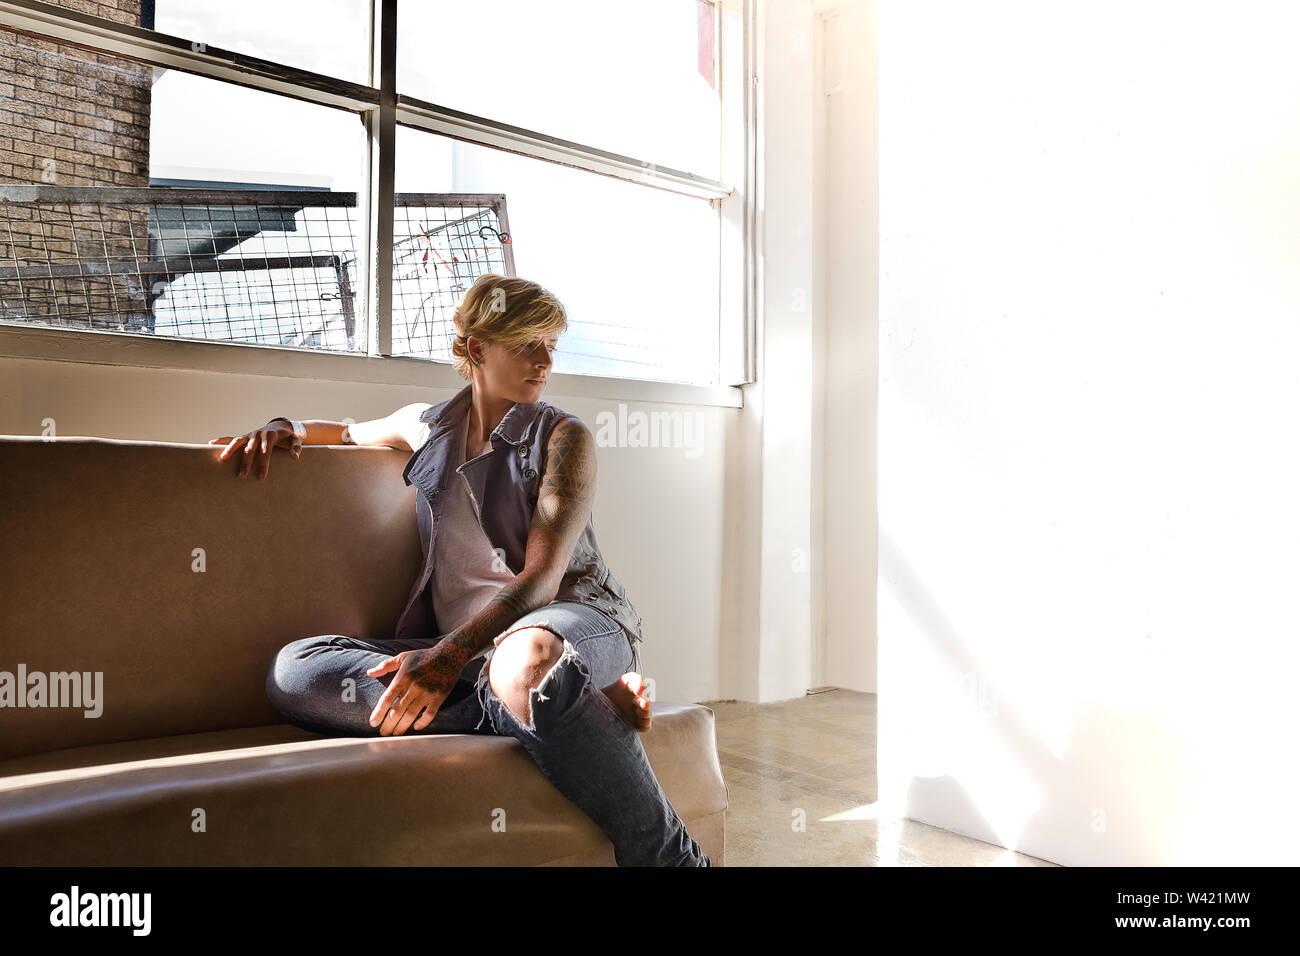 Jeune femme avec un tatouage assis sur un canapé dans une pièce sombre près de la fenêtre et un mur blanc, semble comme avoir un problème et la pensée Photo Stock